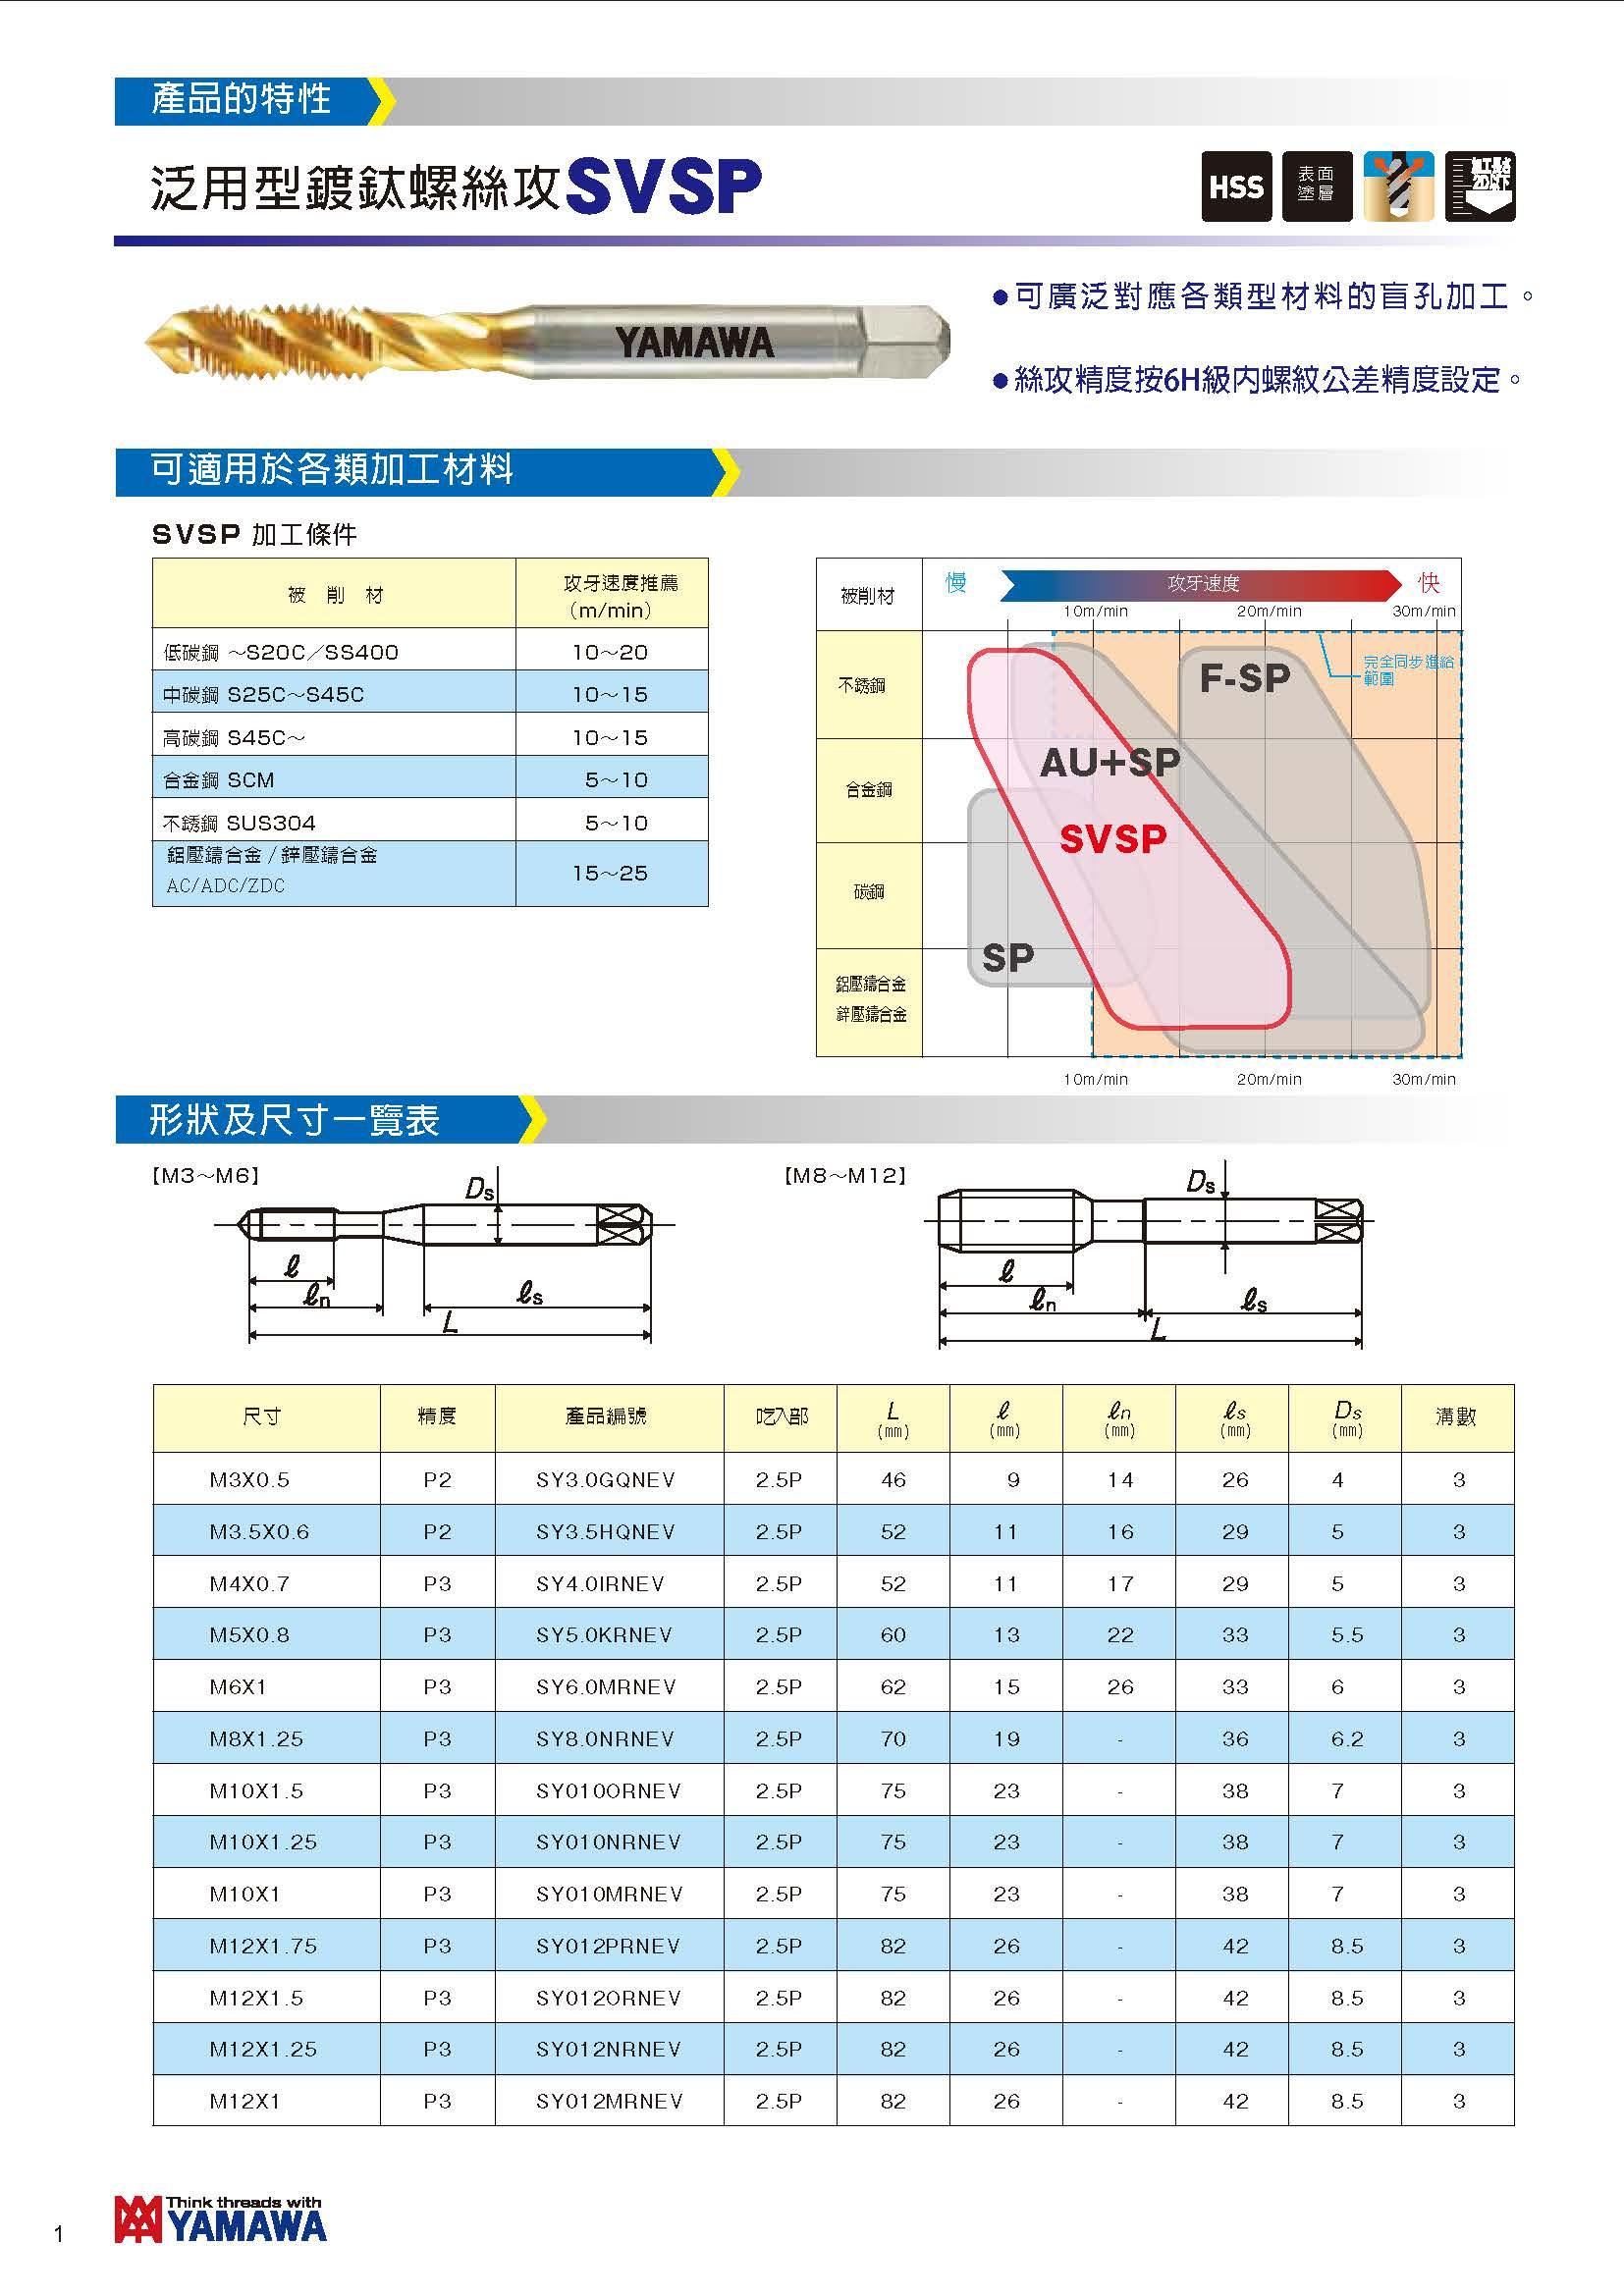 頁面提取自--最新版更中mi-SV泛用型鍍鈦絲攻系列.compressed-2_頁面_1